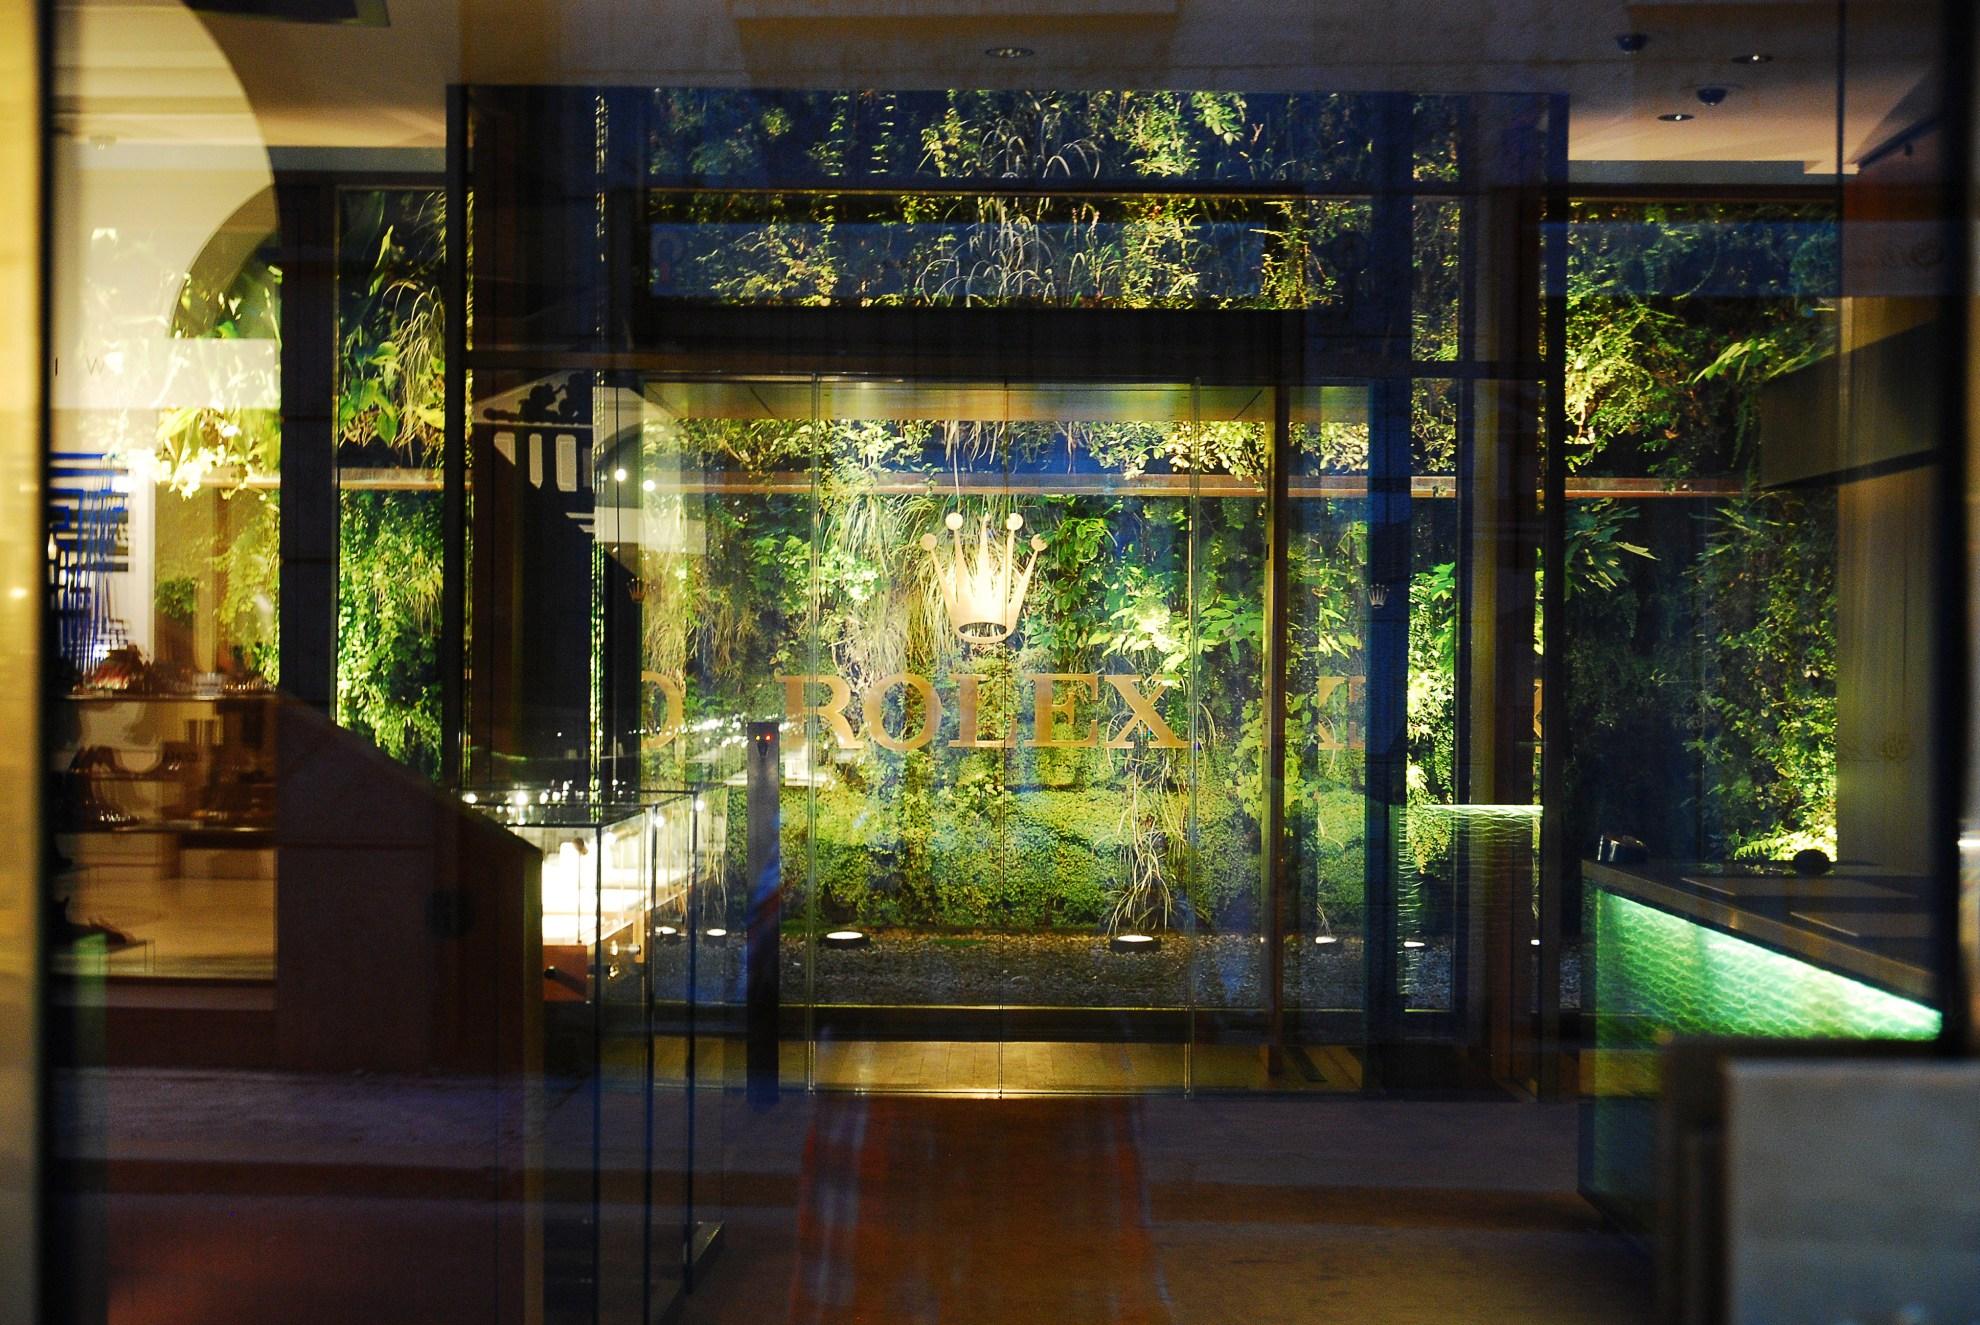 Wnętrze salonu marki Rolex w Mediolanie